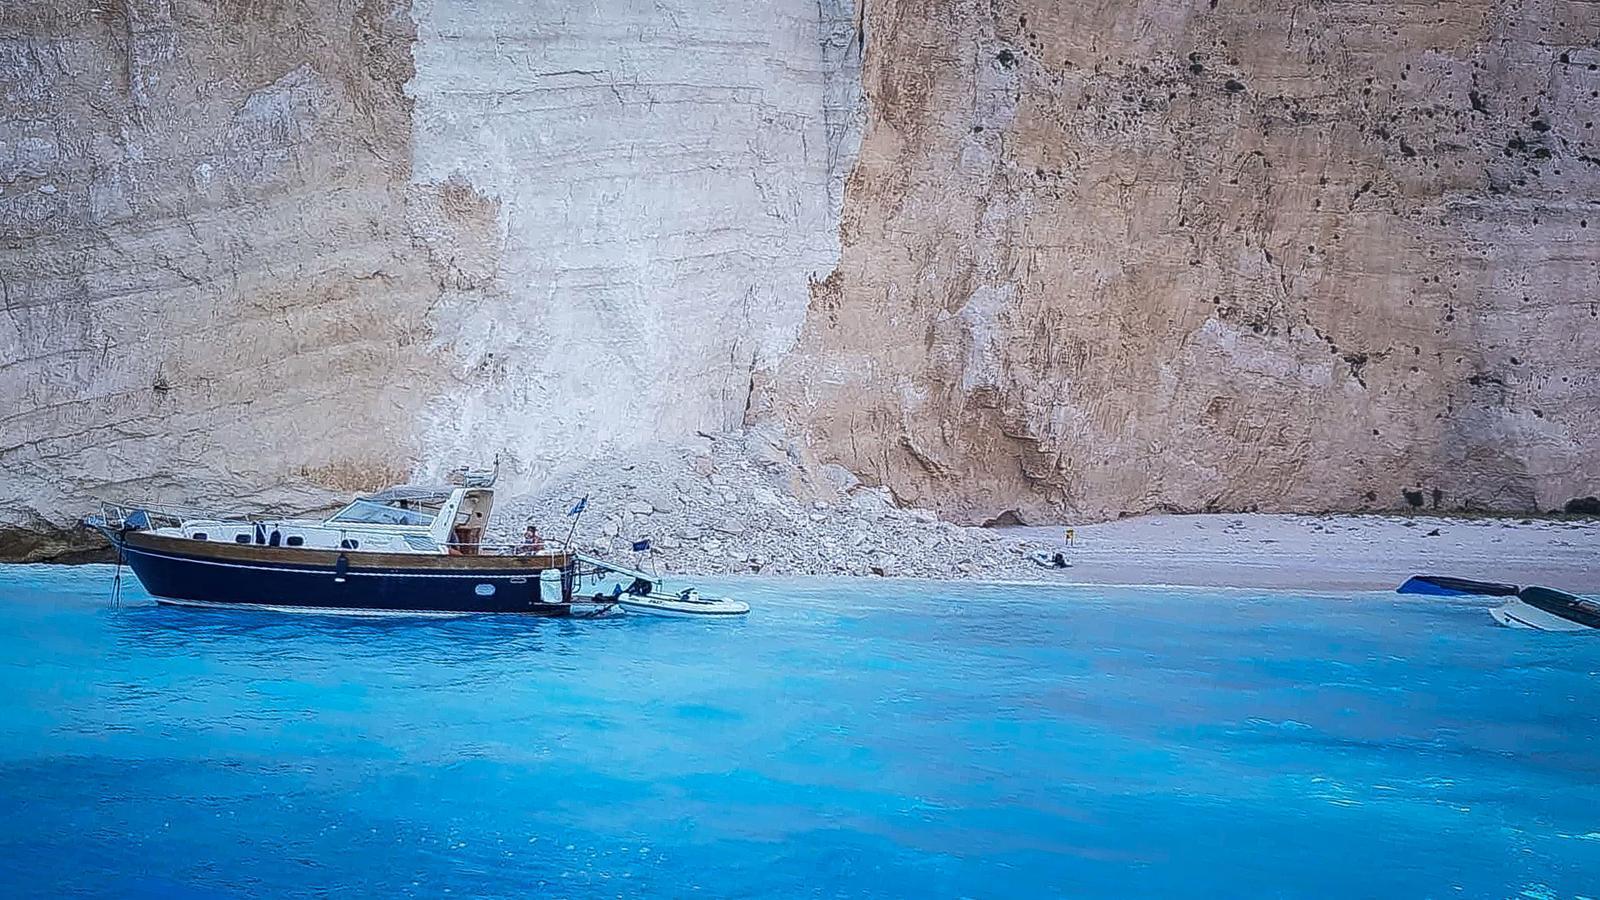 La paret lateral de la platja grega de Navagio després de l'esllavissada, que ha causat que algunes embarcacions bolquessin